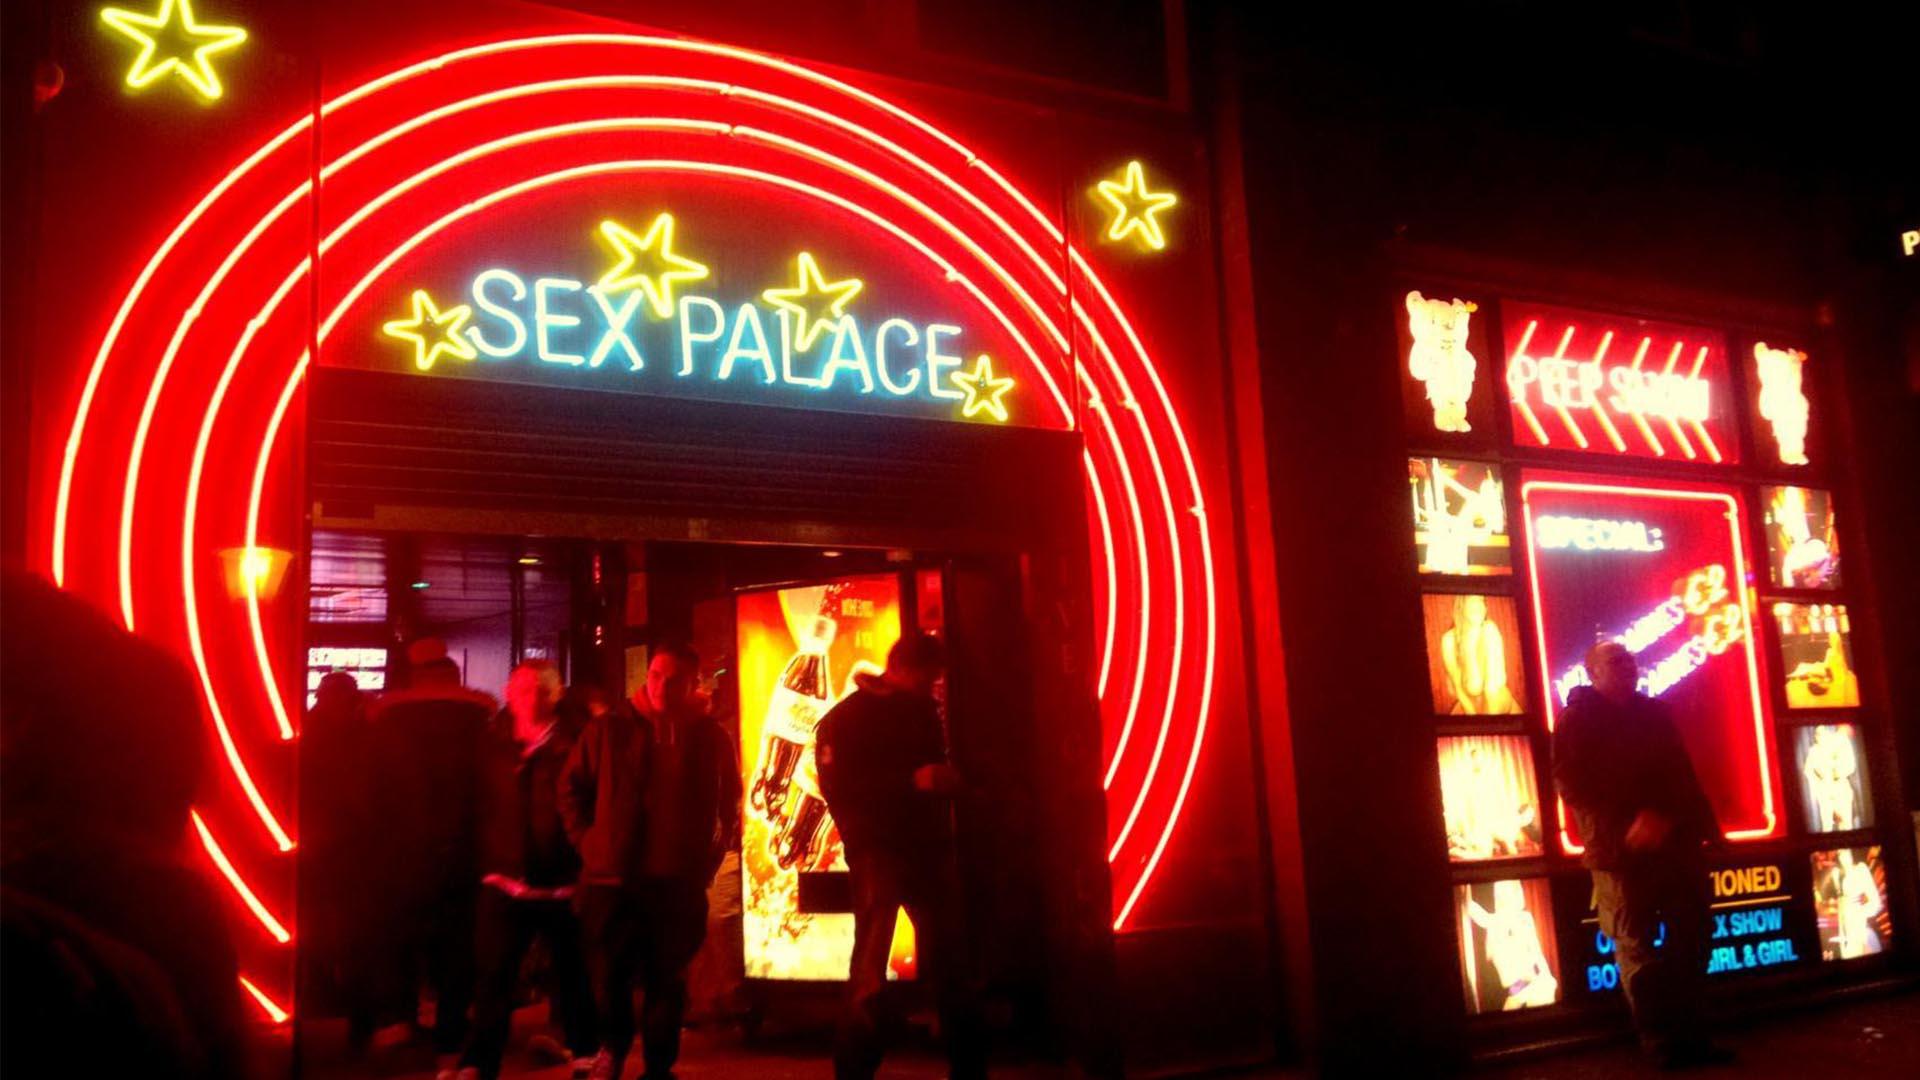 Trabajadoras sexuales dejarán los escaparates de Ámsterdam